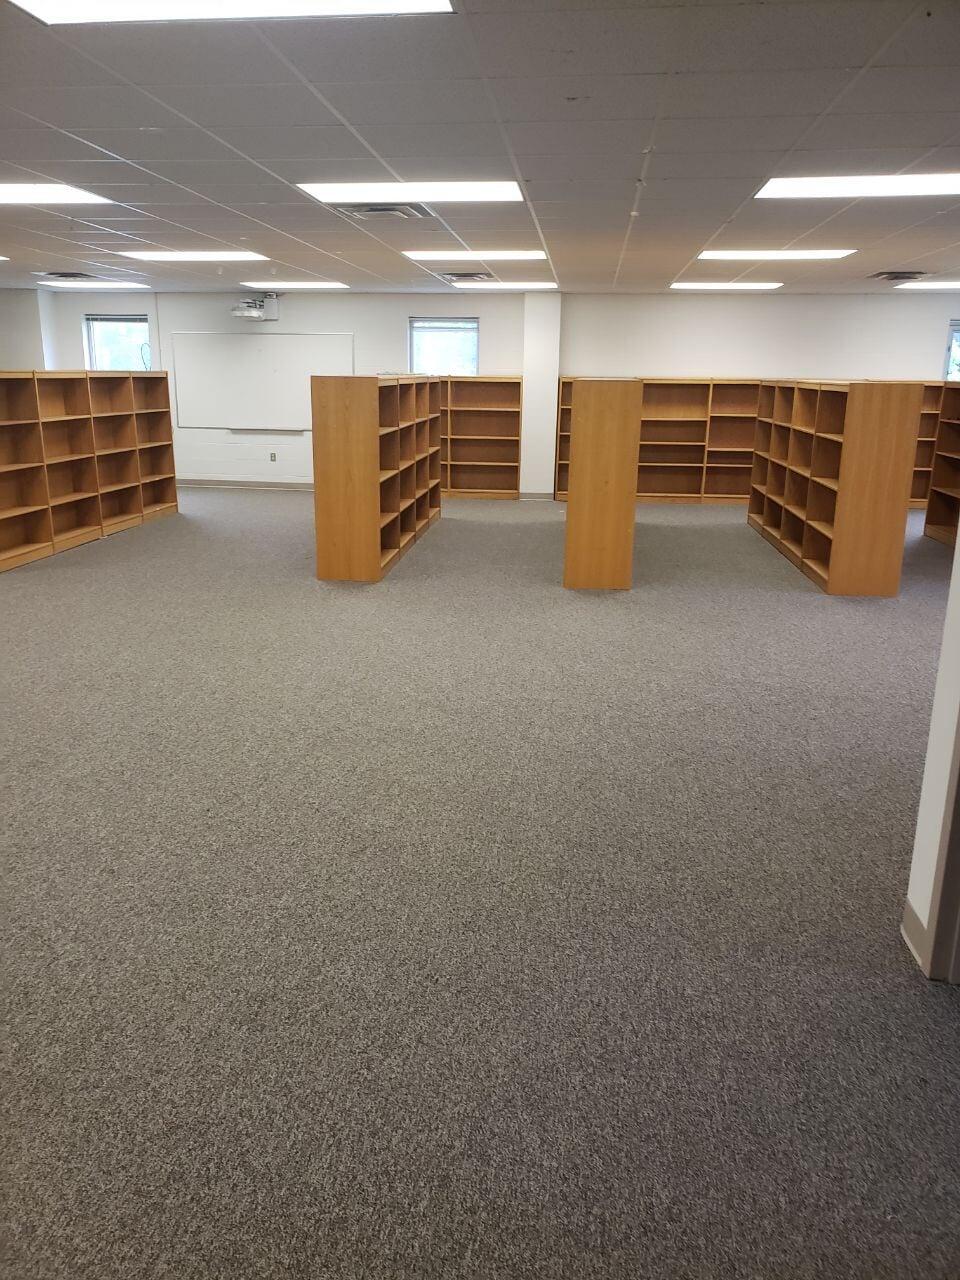 Library flooring installation in Gallatin, TN from Absolute Flooring Inc